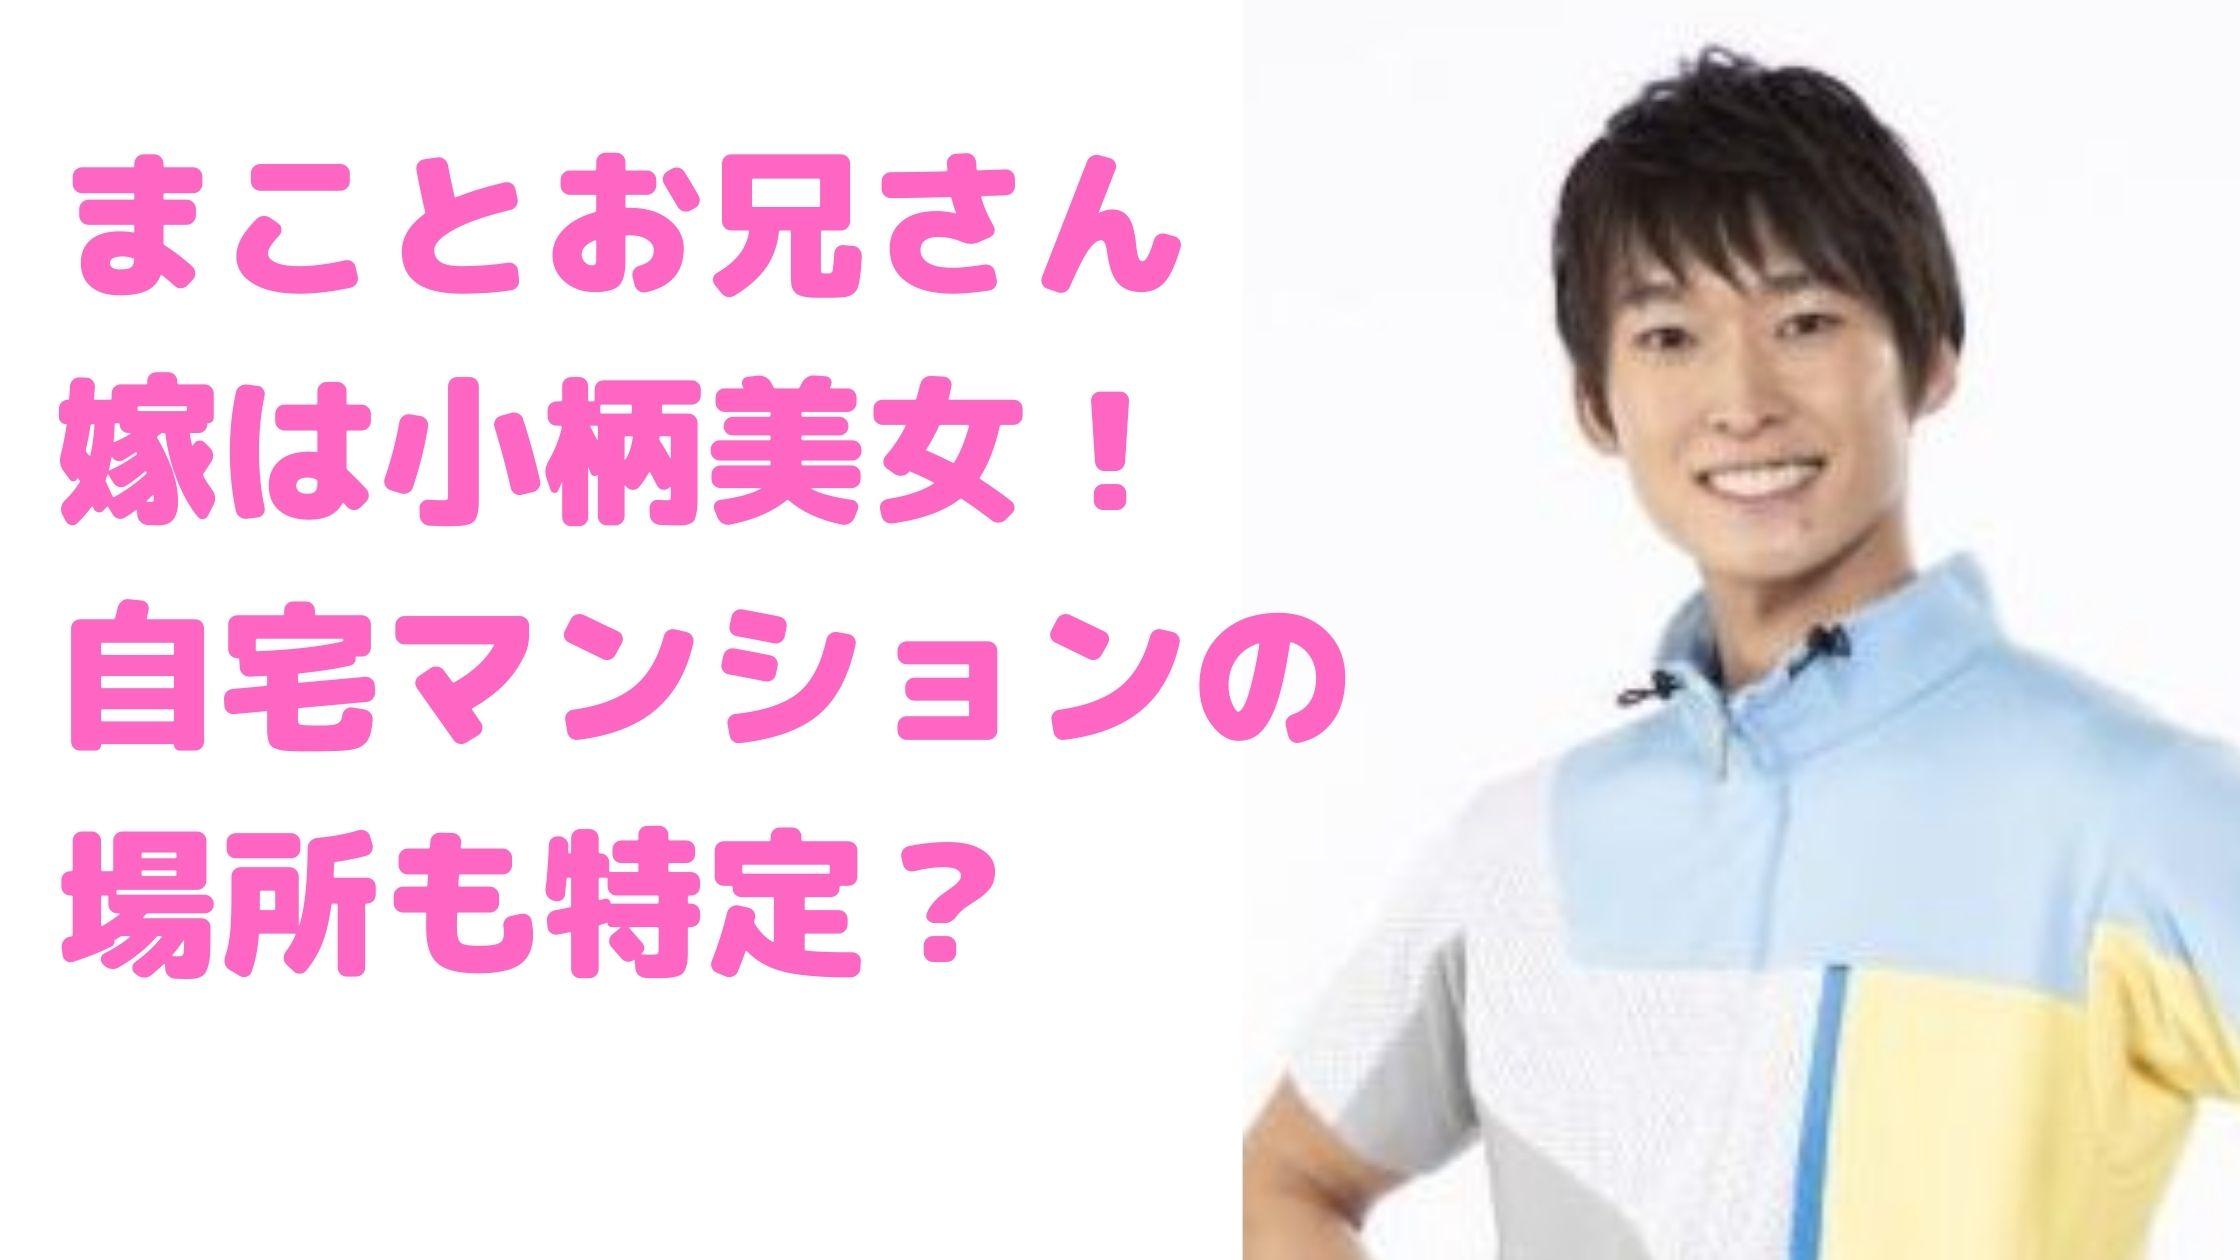 福尾誠 まことお兄さん 結婚 嫁 馴れ初め 年齢 子供 性別 自宅住所